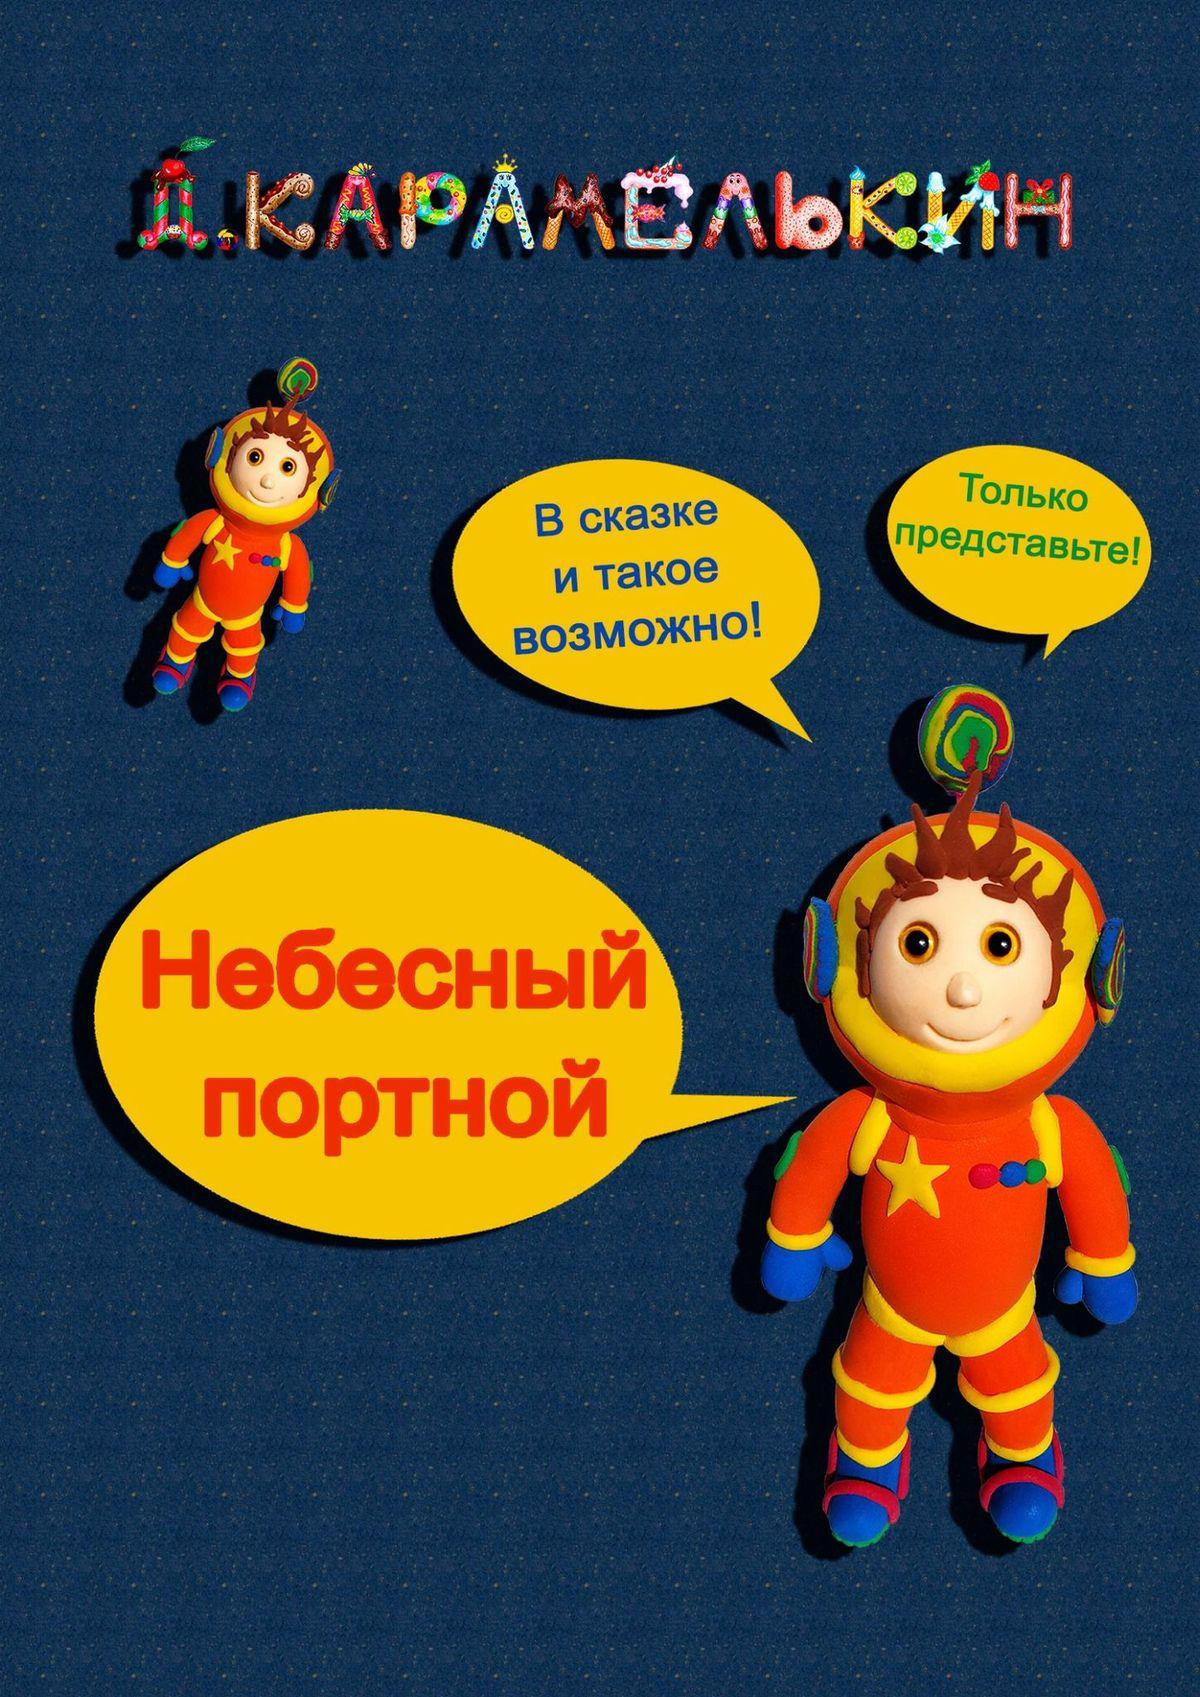 Дмитрий Карамелькин - Небесный портной